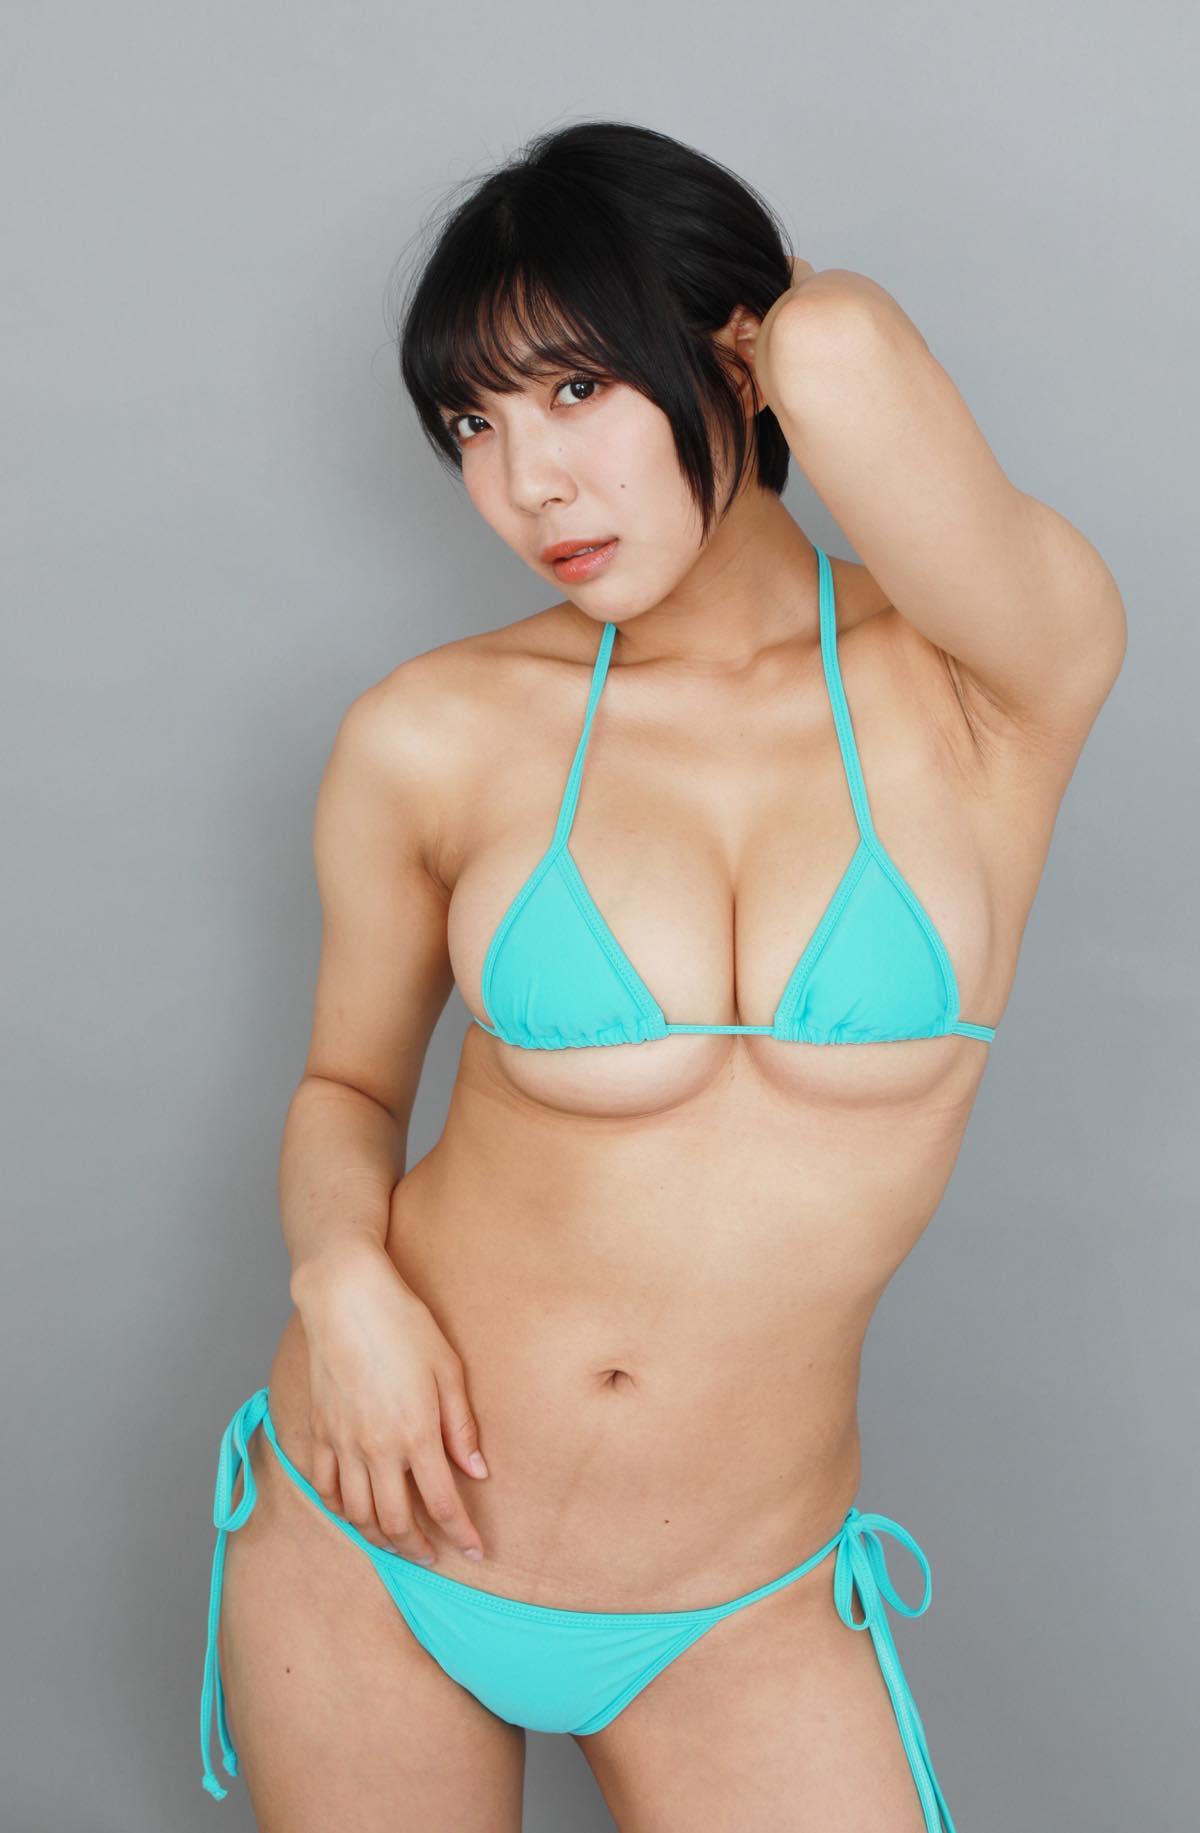 麻倉まりな「ライブでは乳を出していないのでグラビア感は出してないです」の画像035